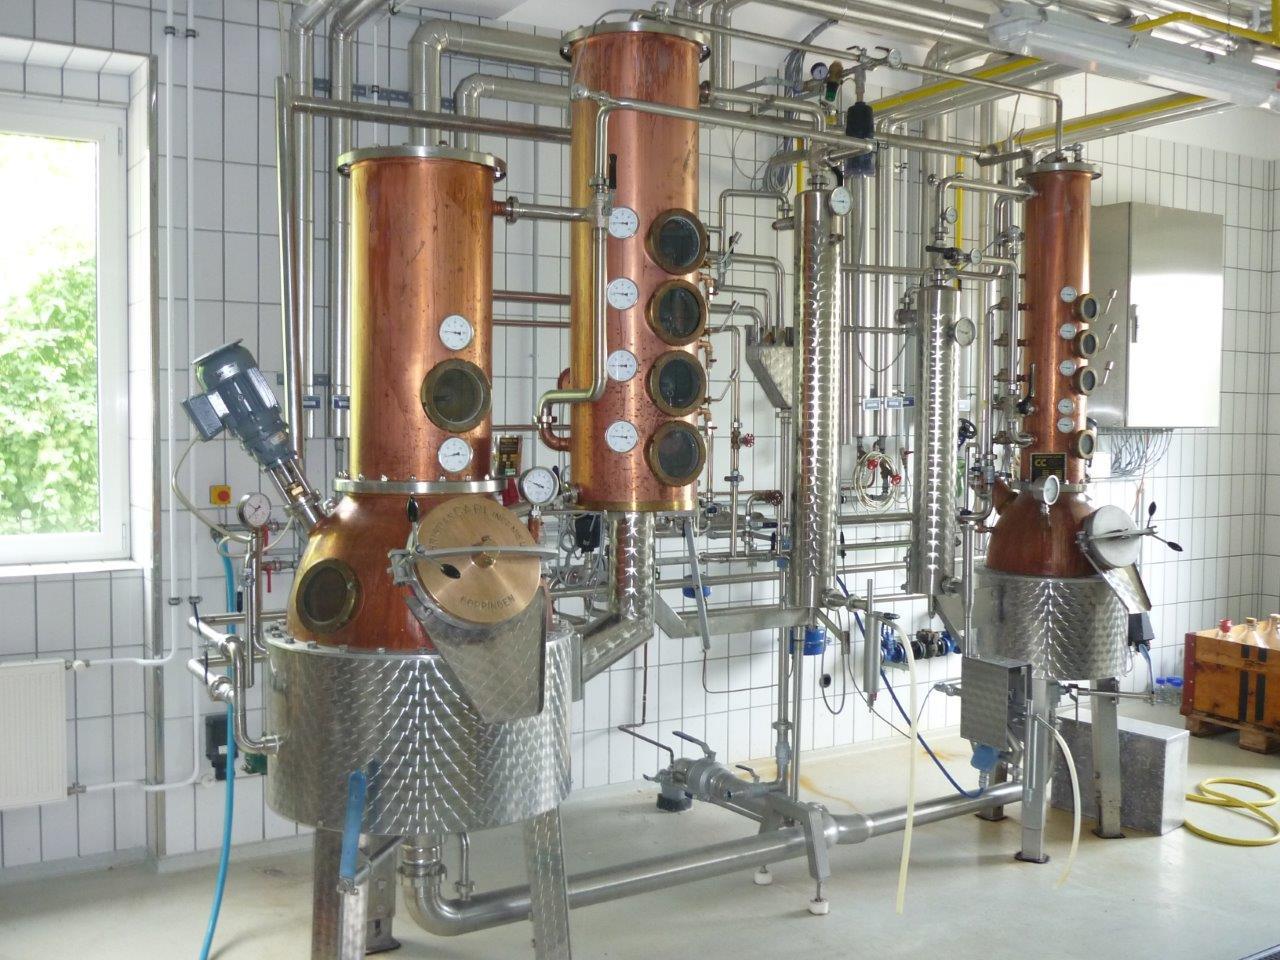 Destillationsanlage der Höheren Bundeslehranstalt und Bundesamt für Wein- und Obstbau Klosterneuburg